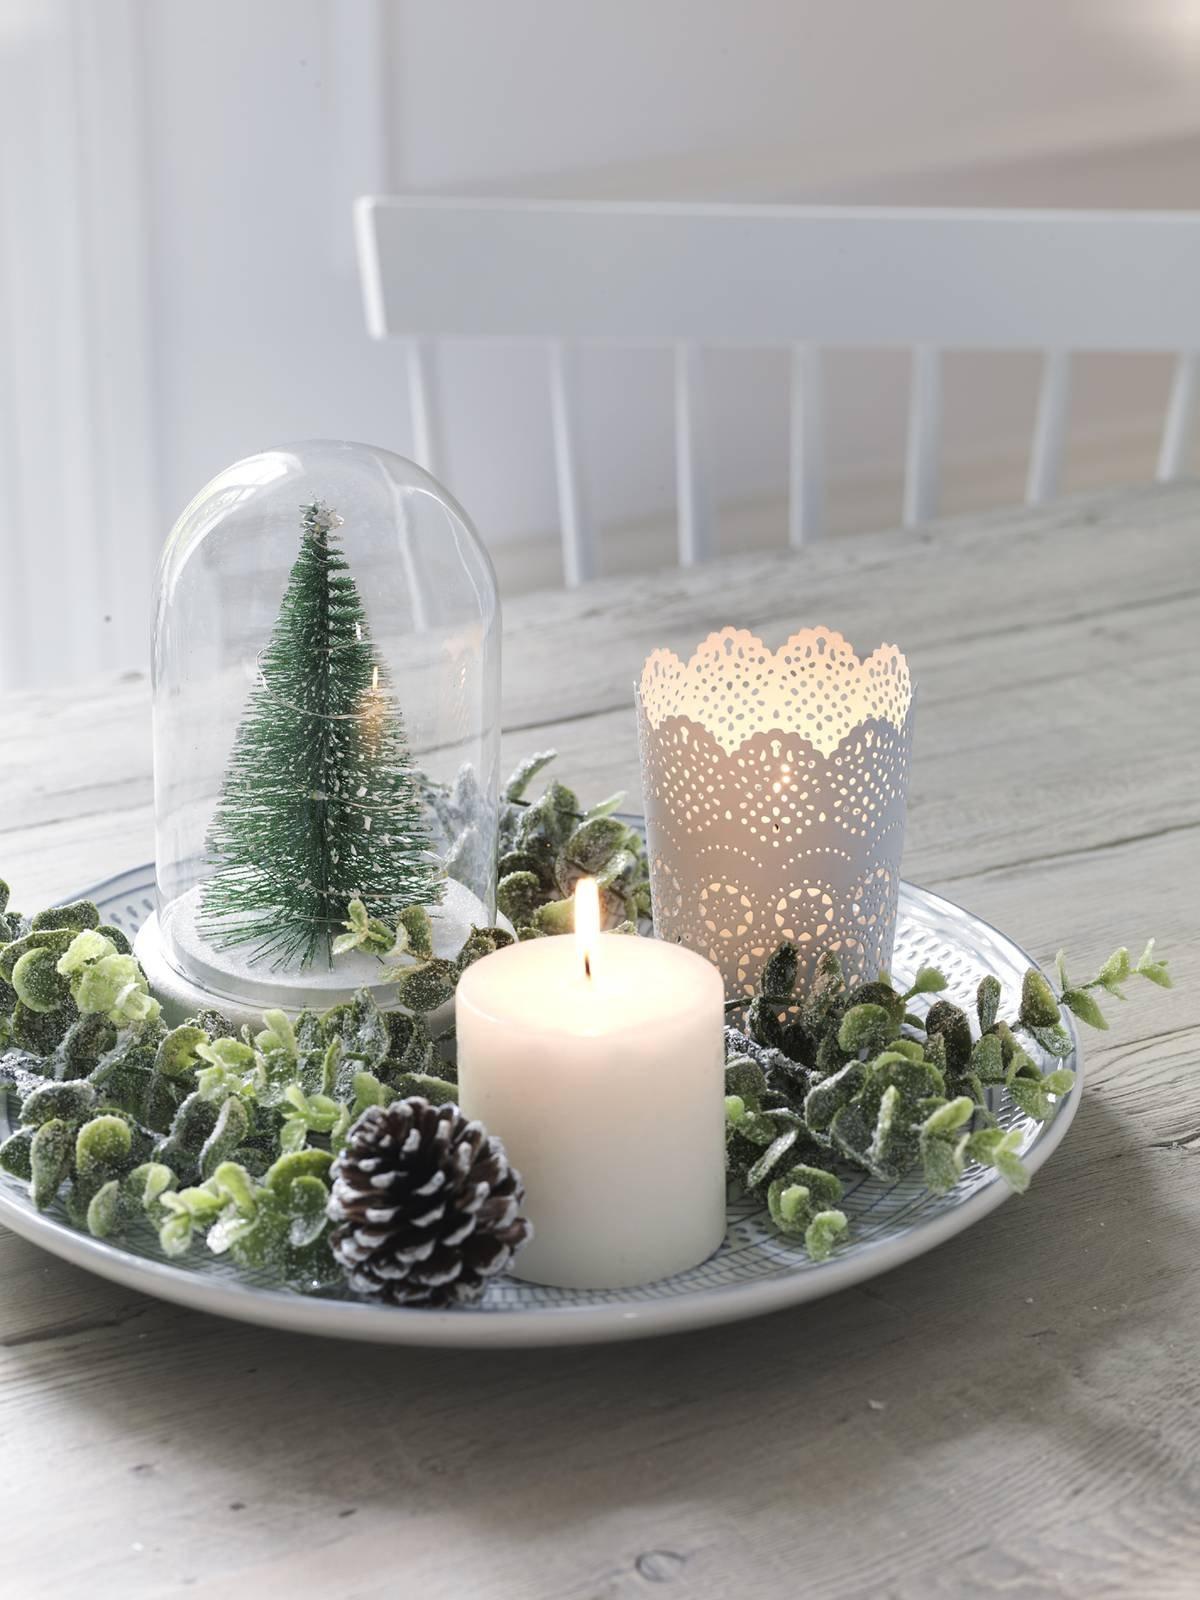 Decorazioni Di Natale Oggettistica Per Rendere Bella La Tavola